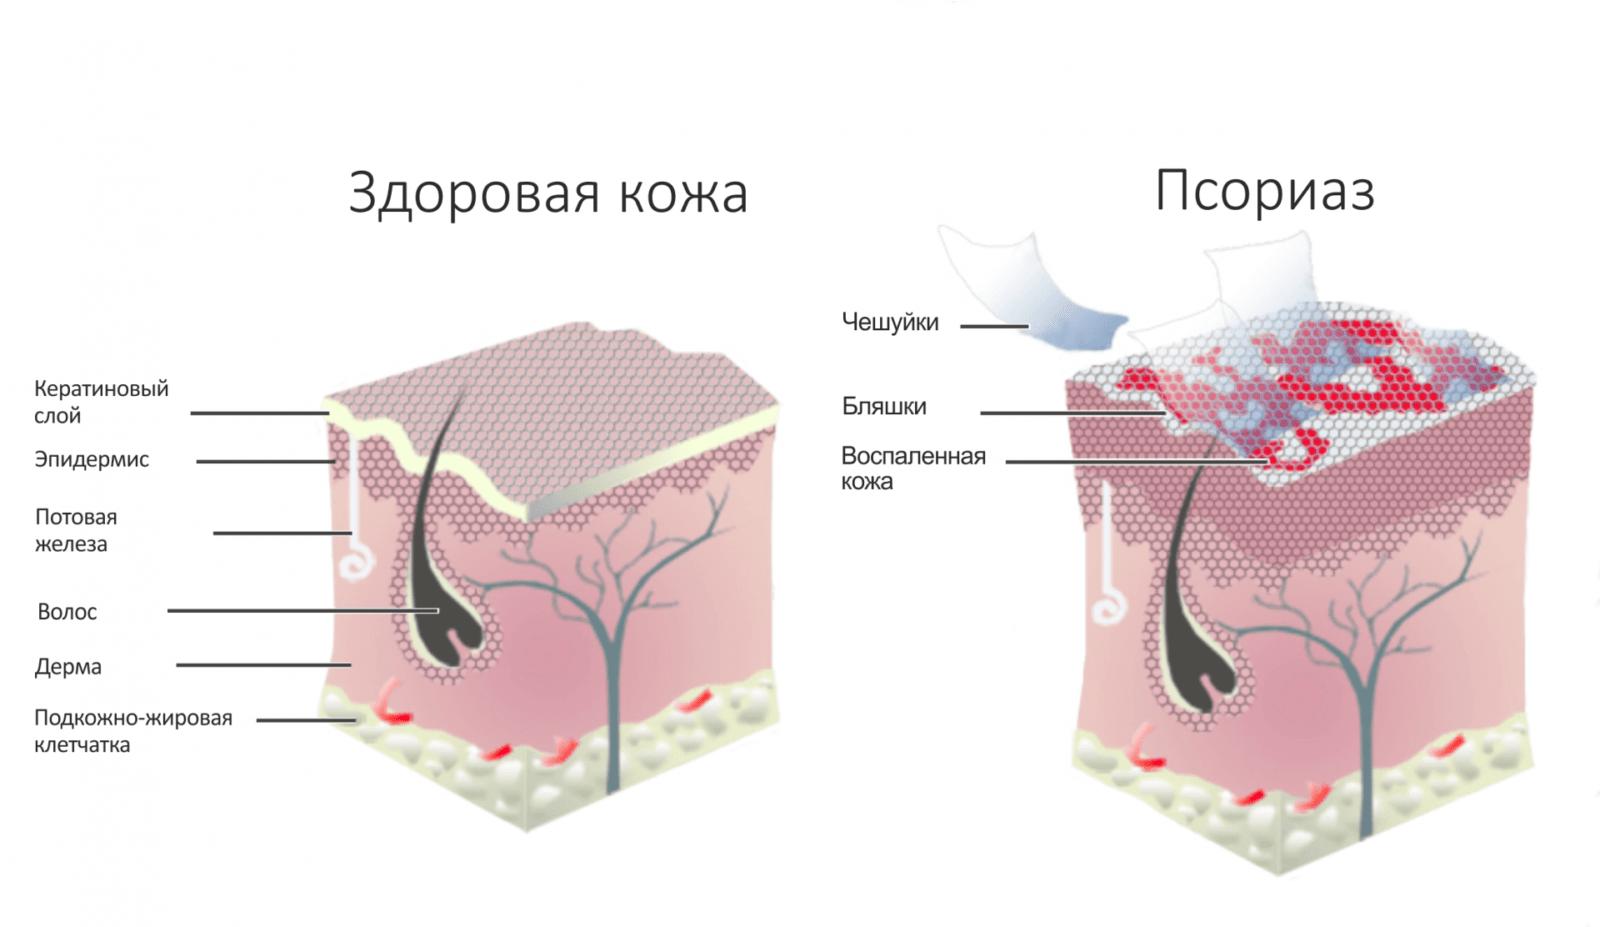 Псориаз. Симптомы причины и лечение псориаза